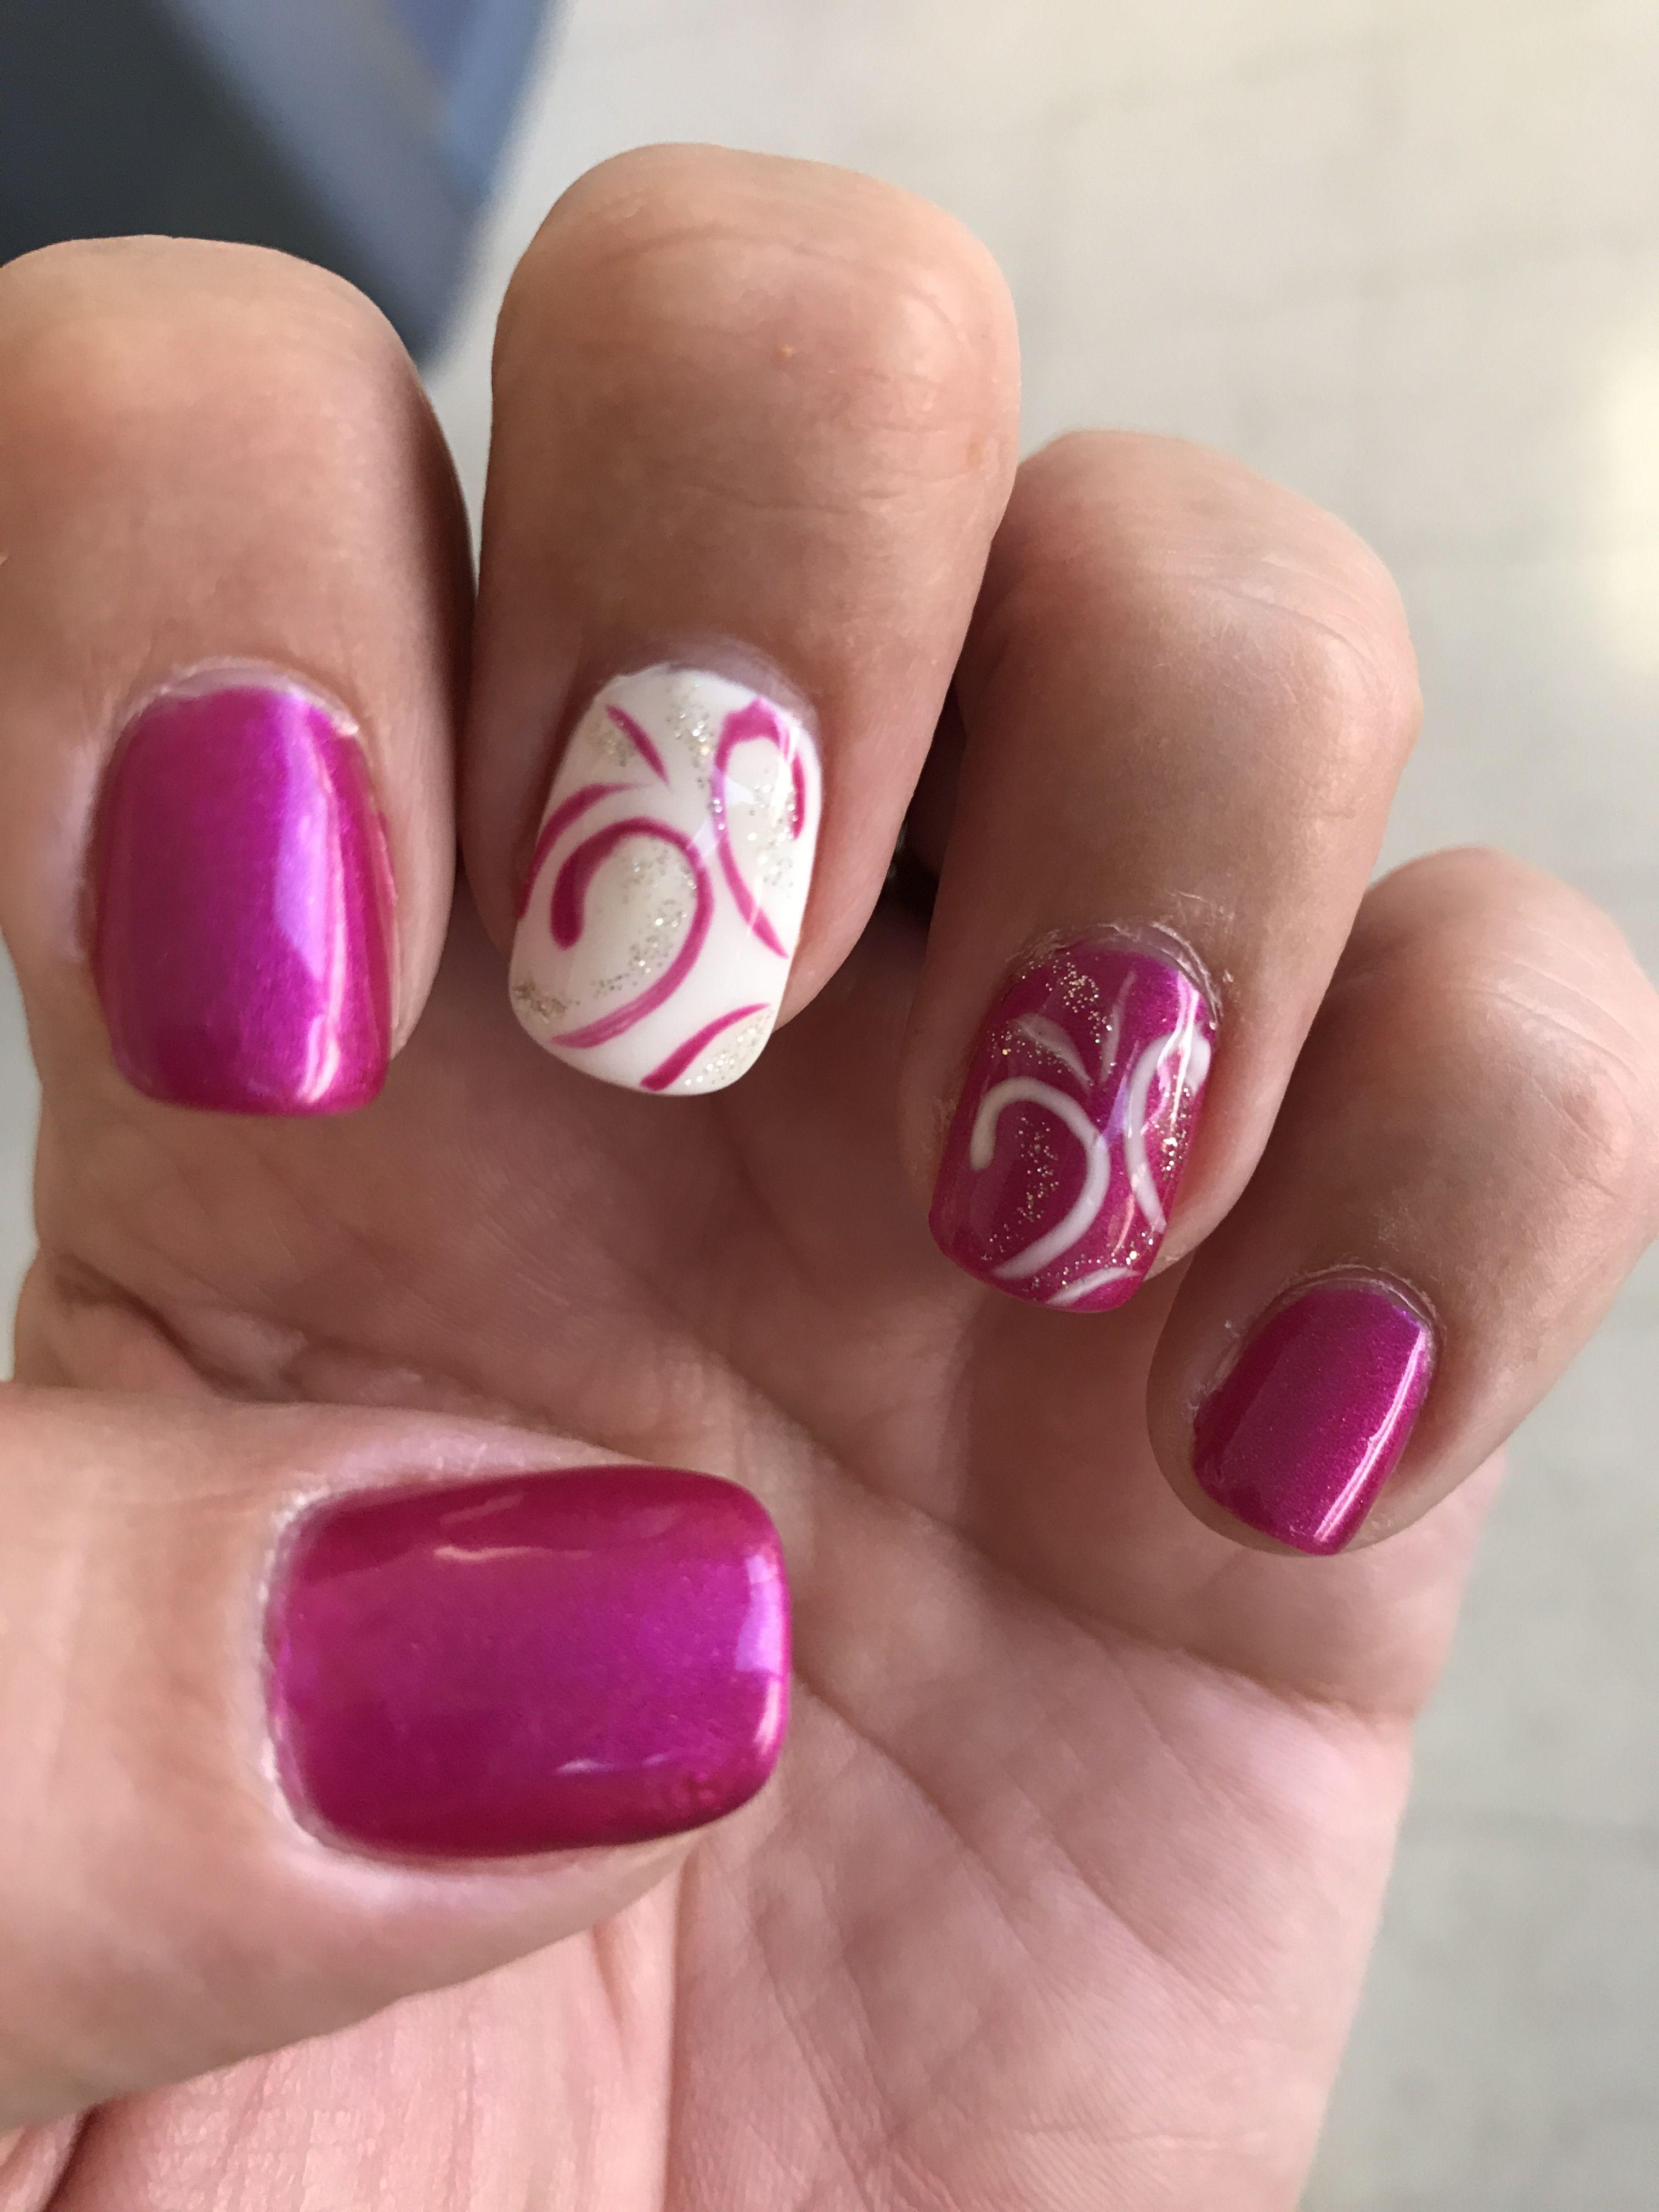 Fuschia purple pink white glitter gel nails   nail polish/design ...